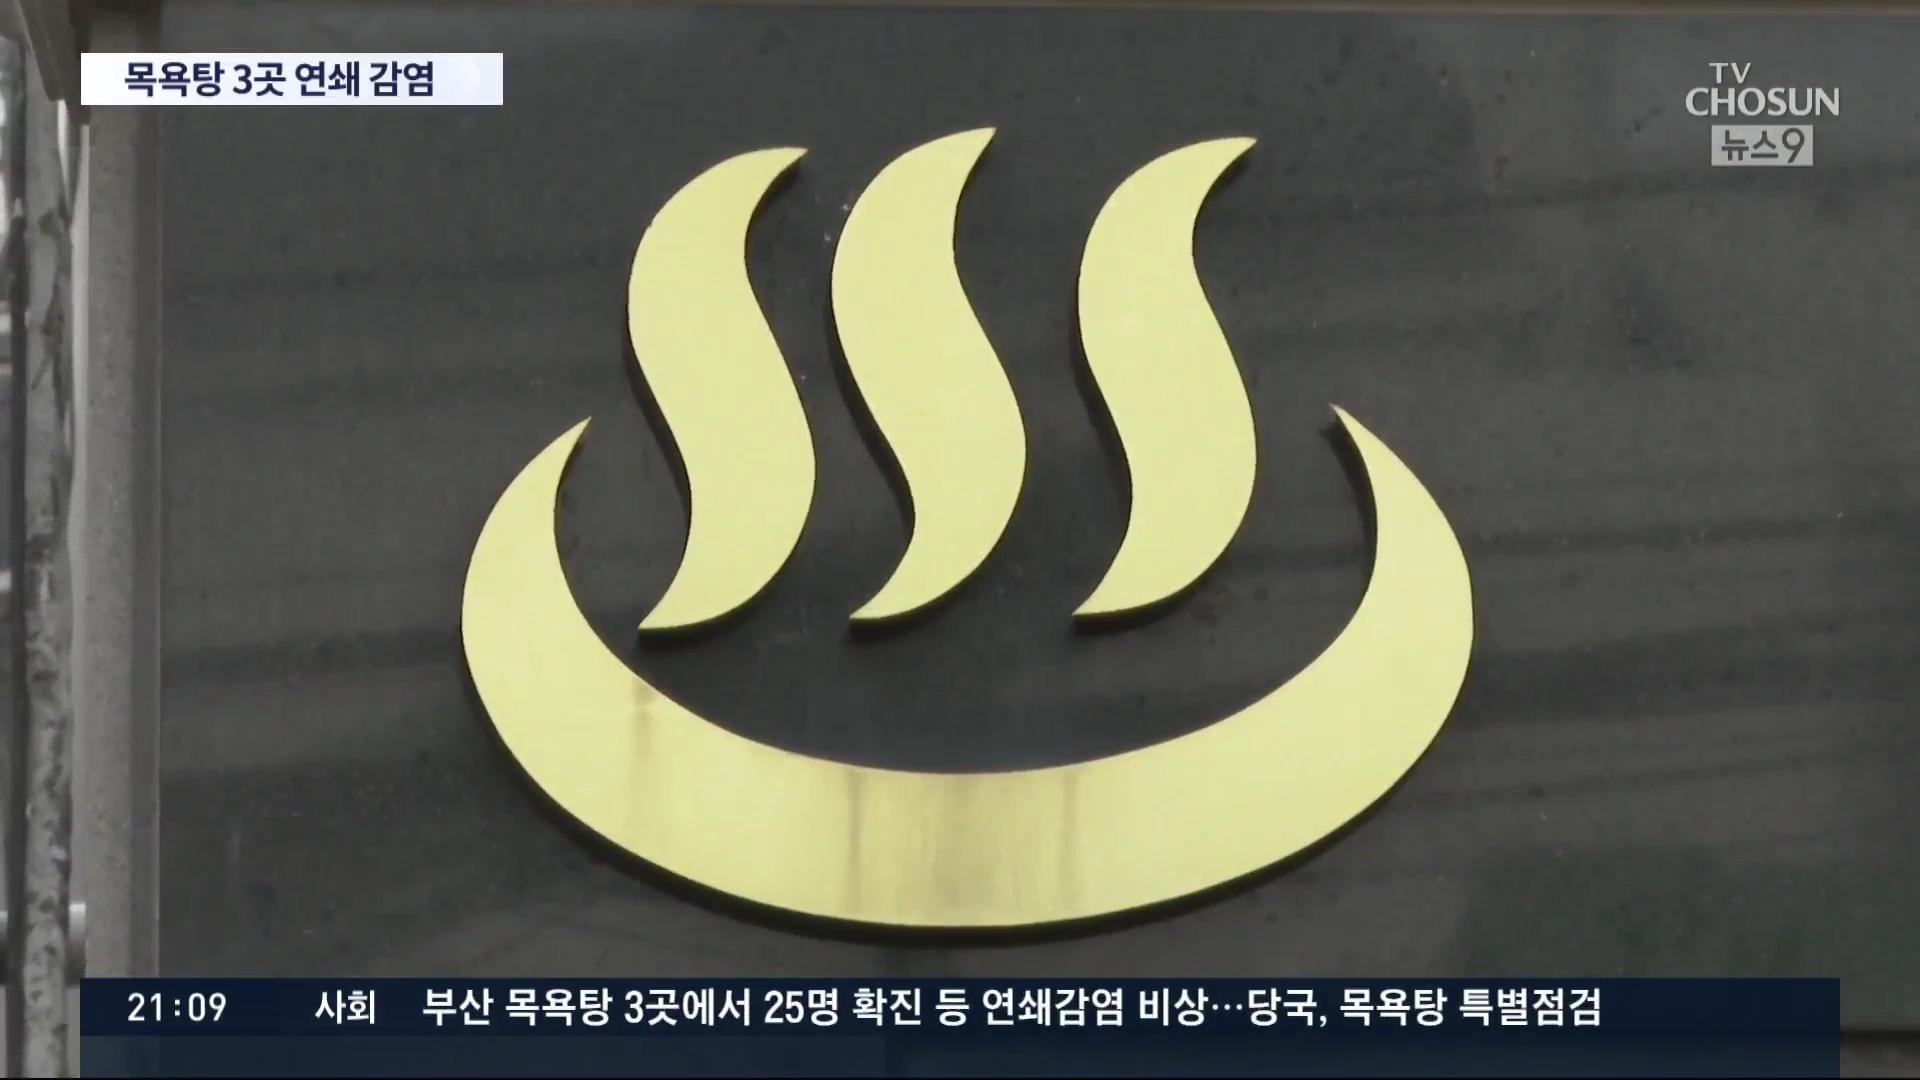 설 연휴 앞두고 부산 목욕탕 3곳 연쇄감염 확산 '비상'